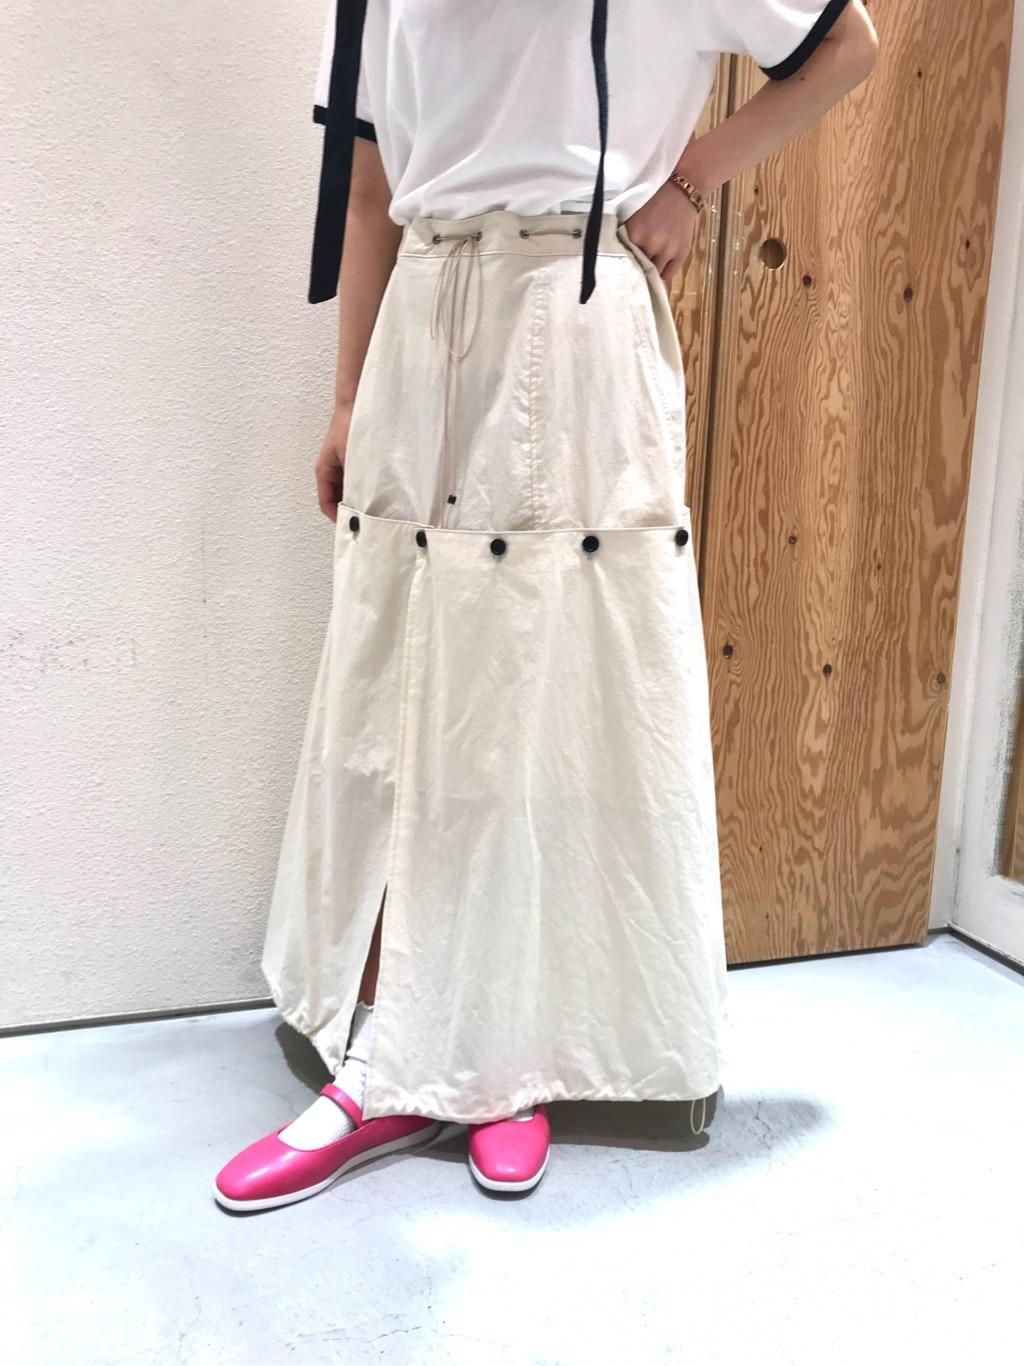 l'atelier du savon グランフロント大阪 身長:157cm 2020.07.03